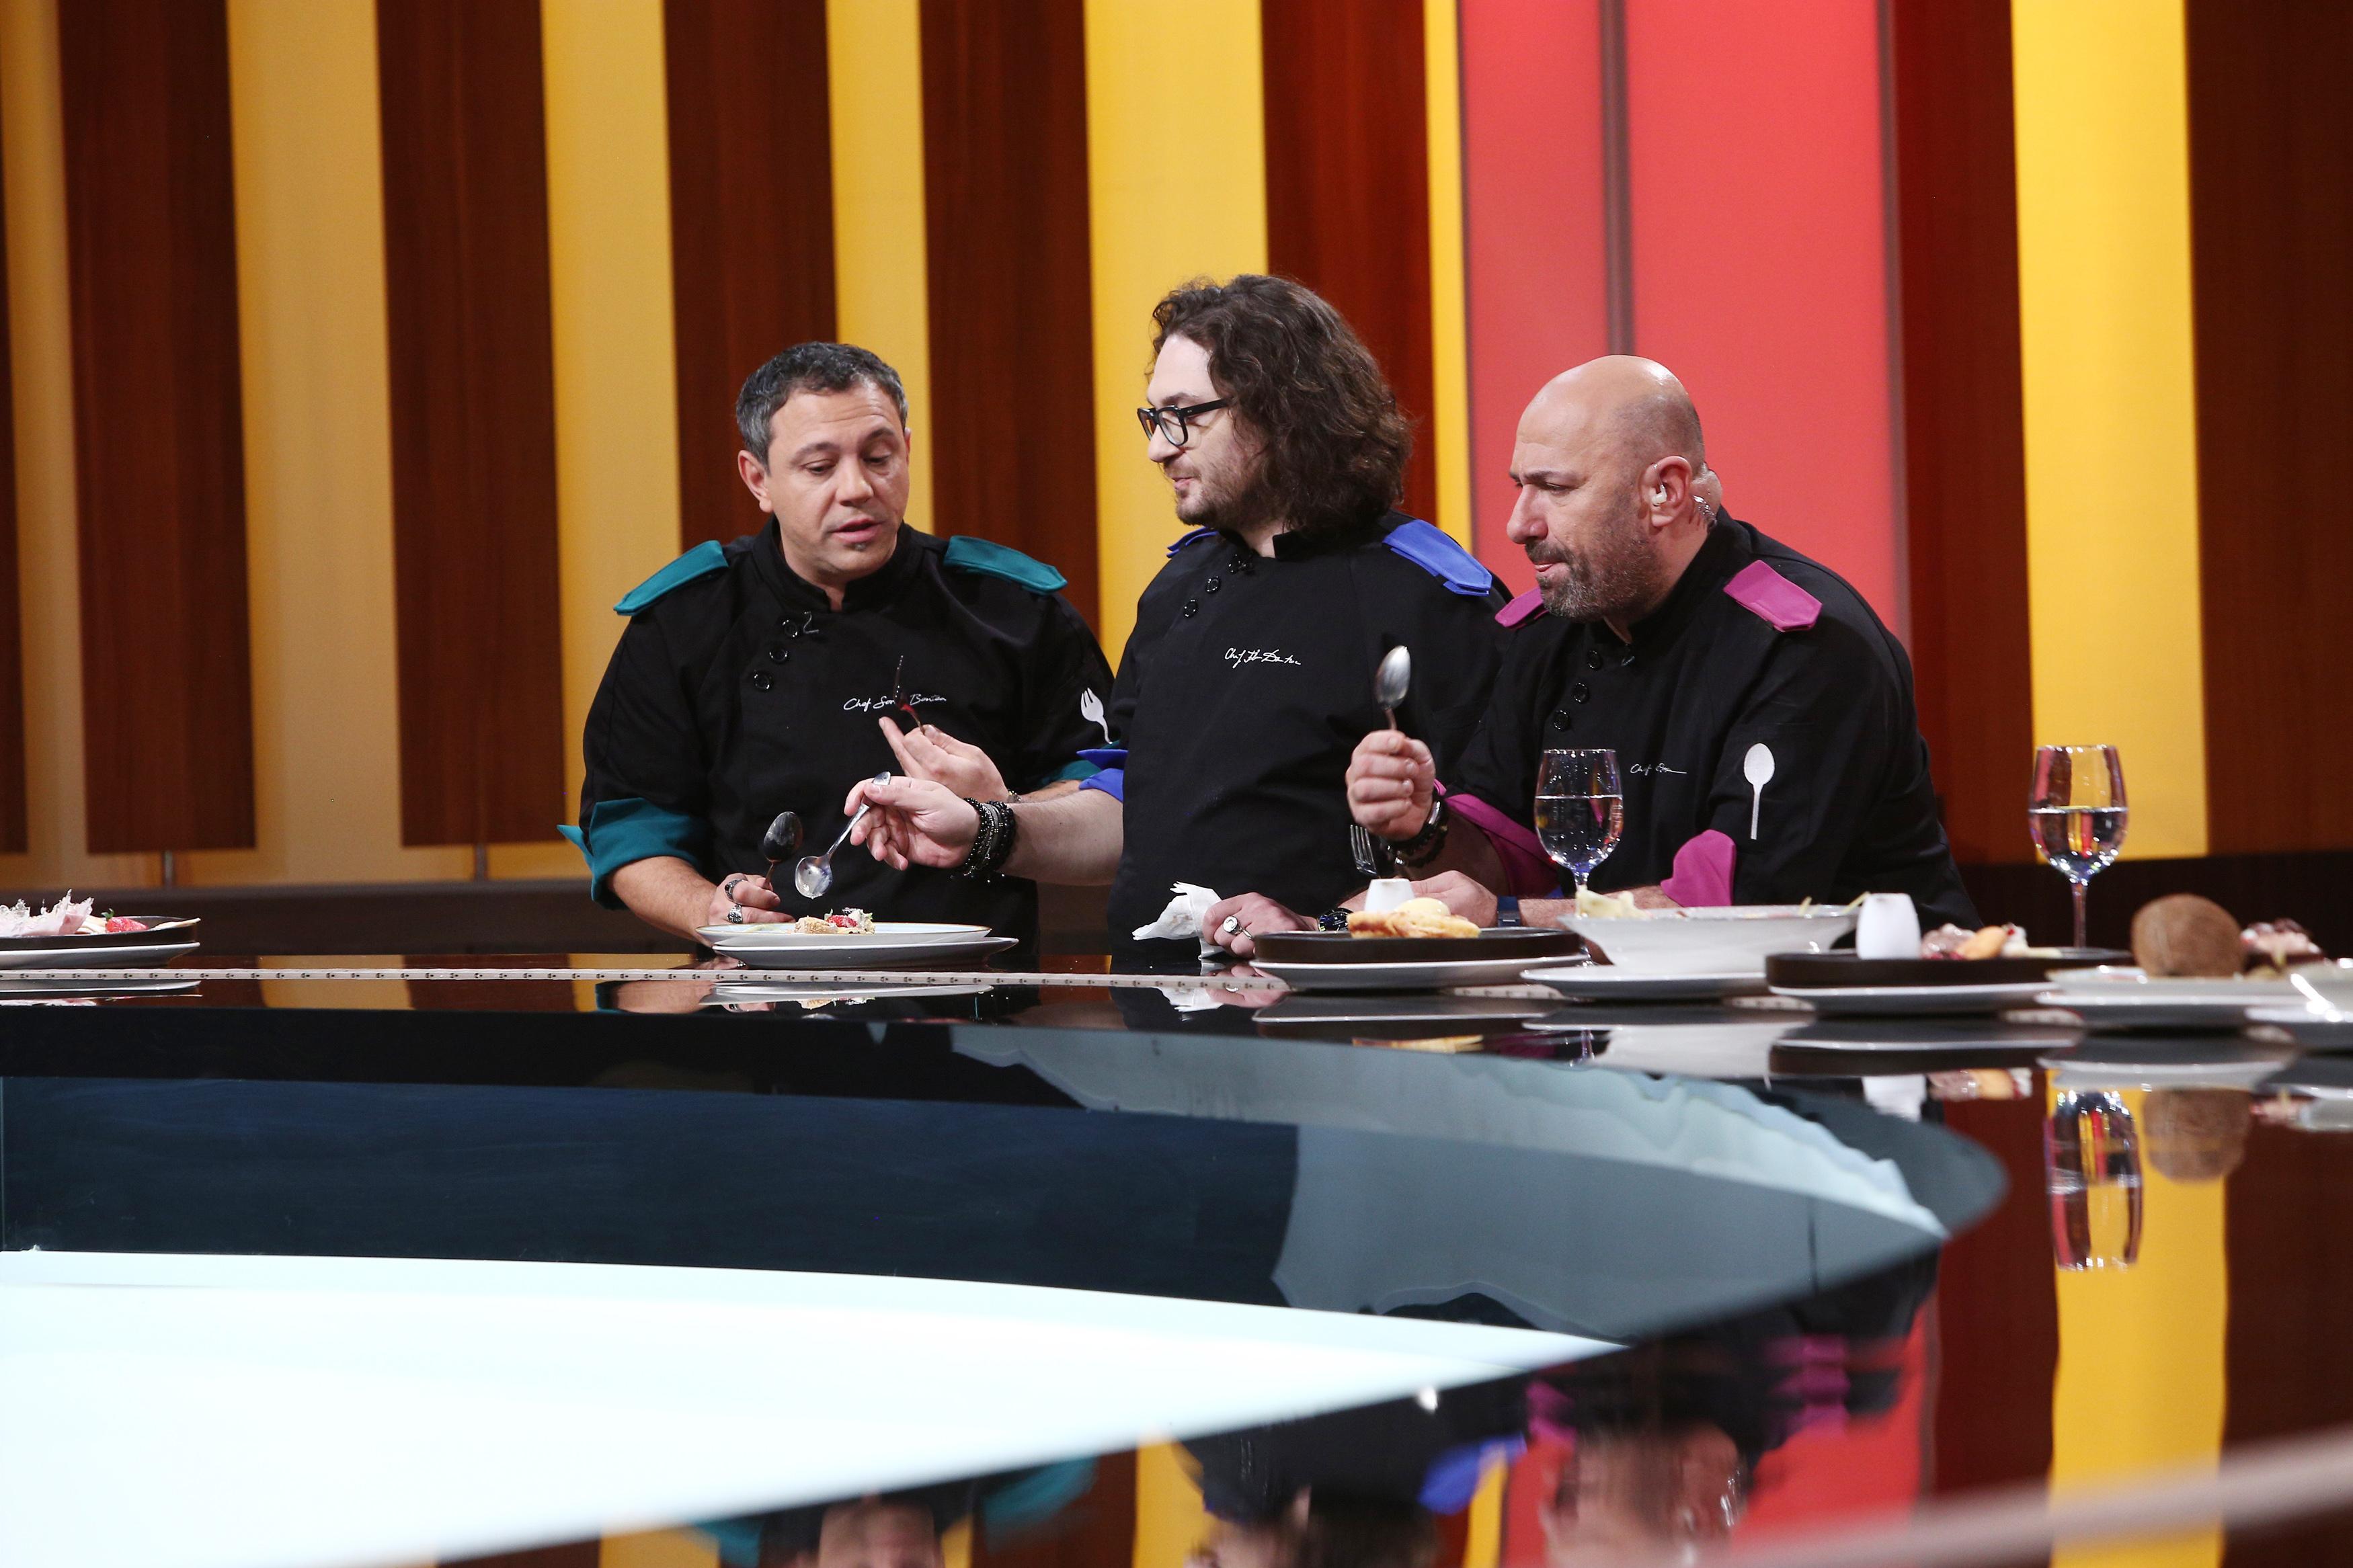 Chefi la cuțite, 11 mai 2021. Sorin Bontea și Florin Dumitrescu l-au certat pe Scărlătescu, la degustare. Ce i-au reproșat